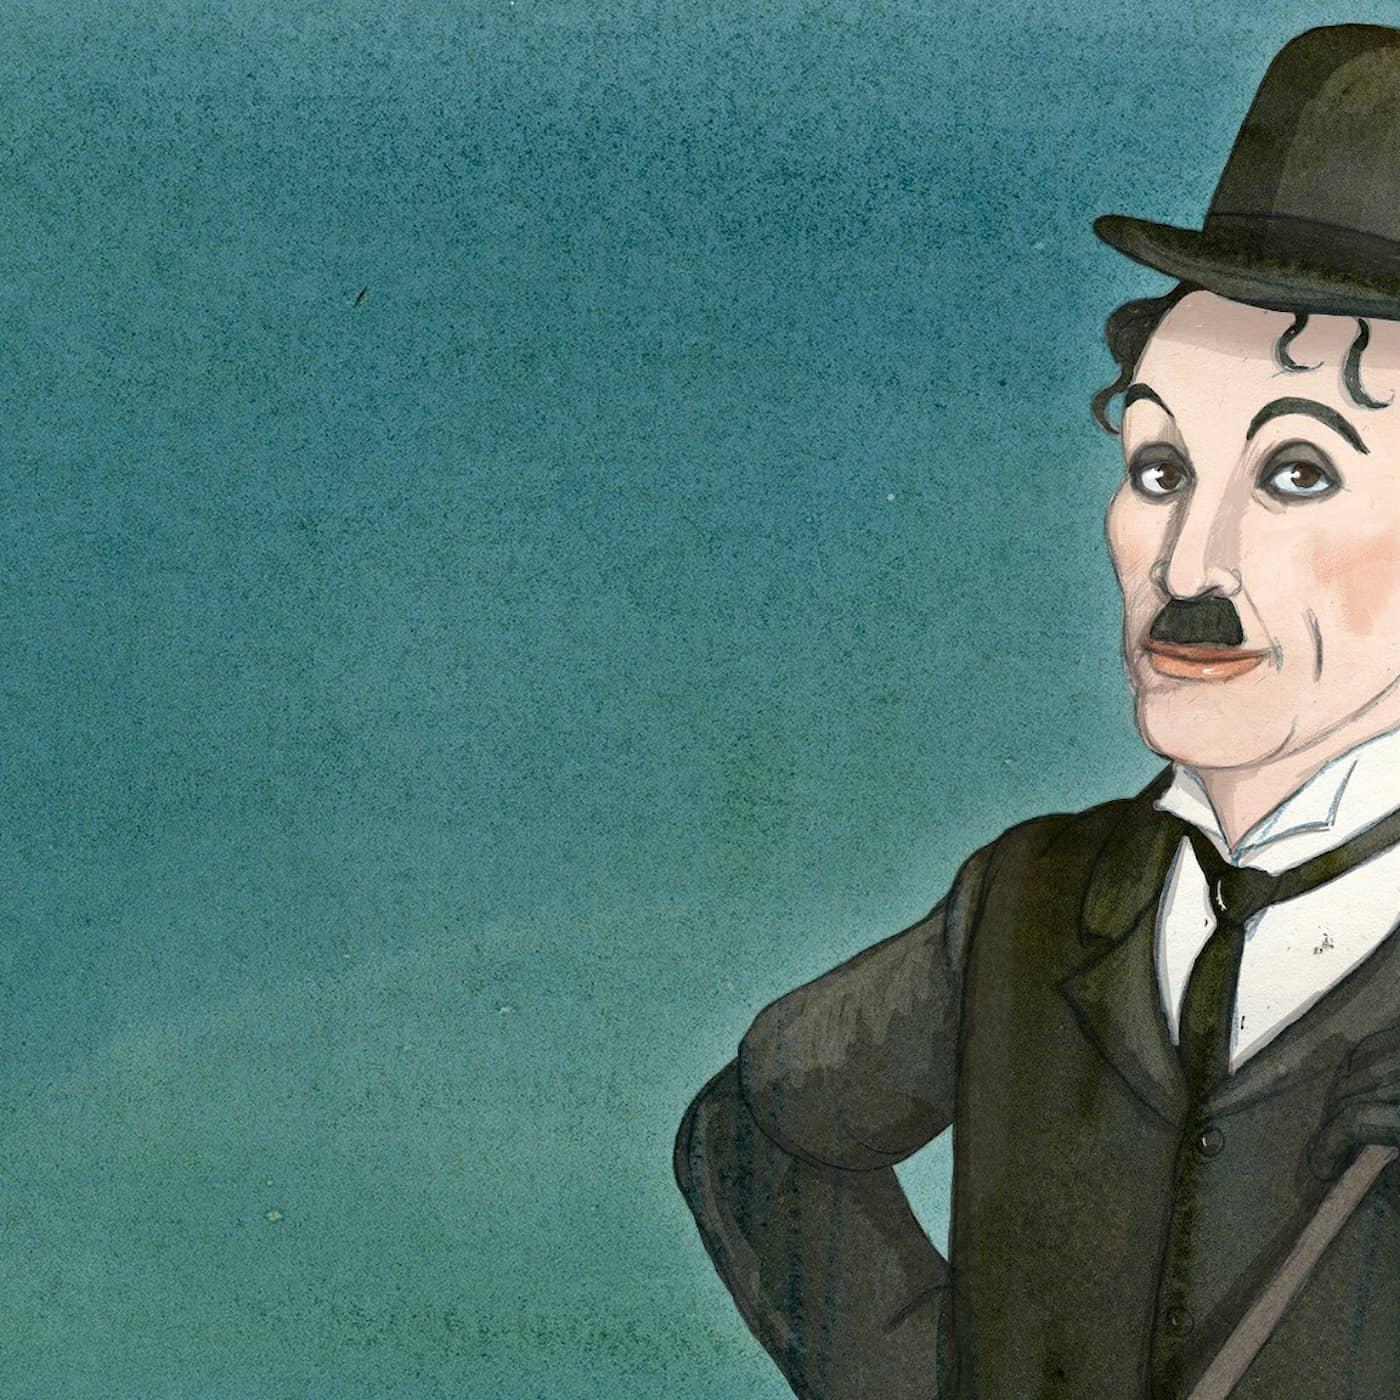 Charlie Chaplin - mannen som fick hela världen att skratta